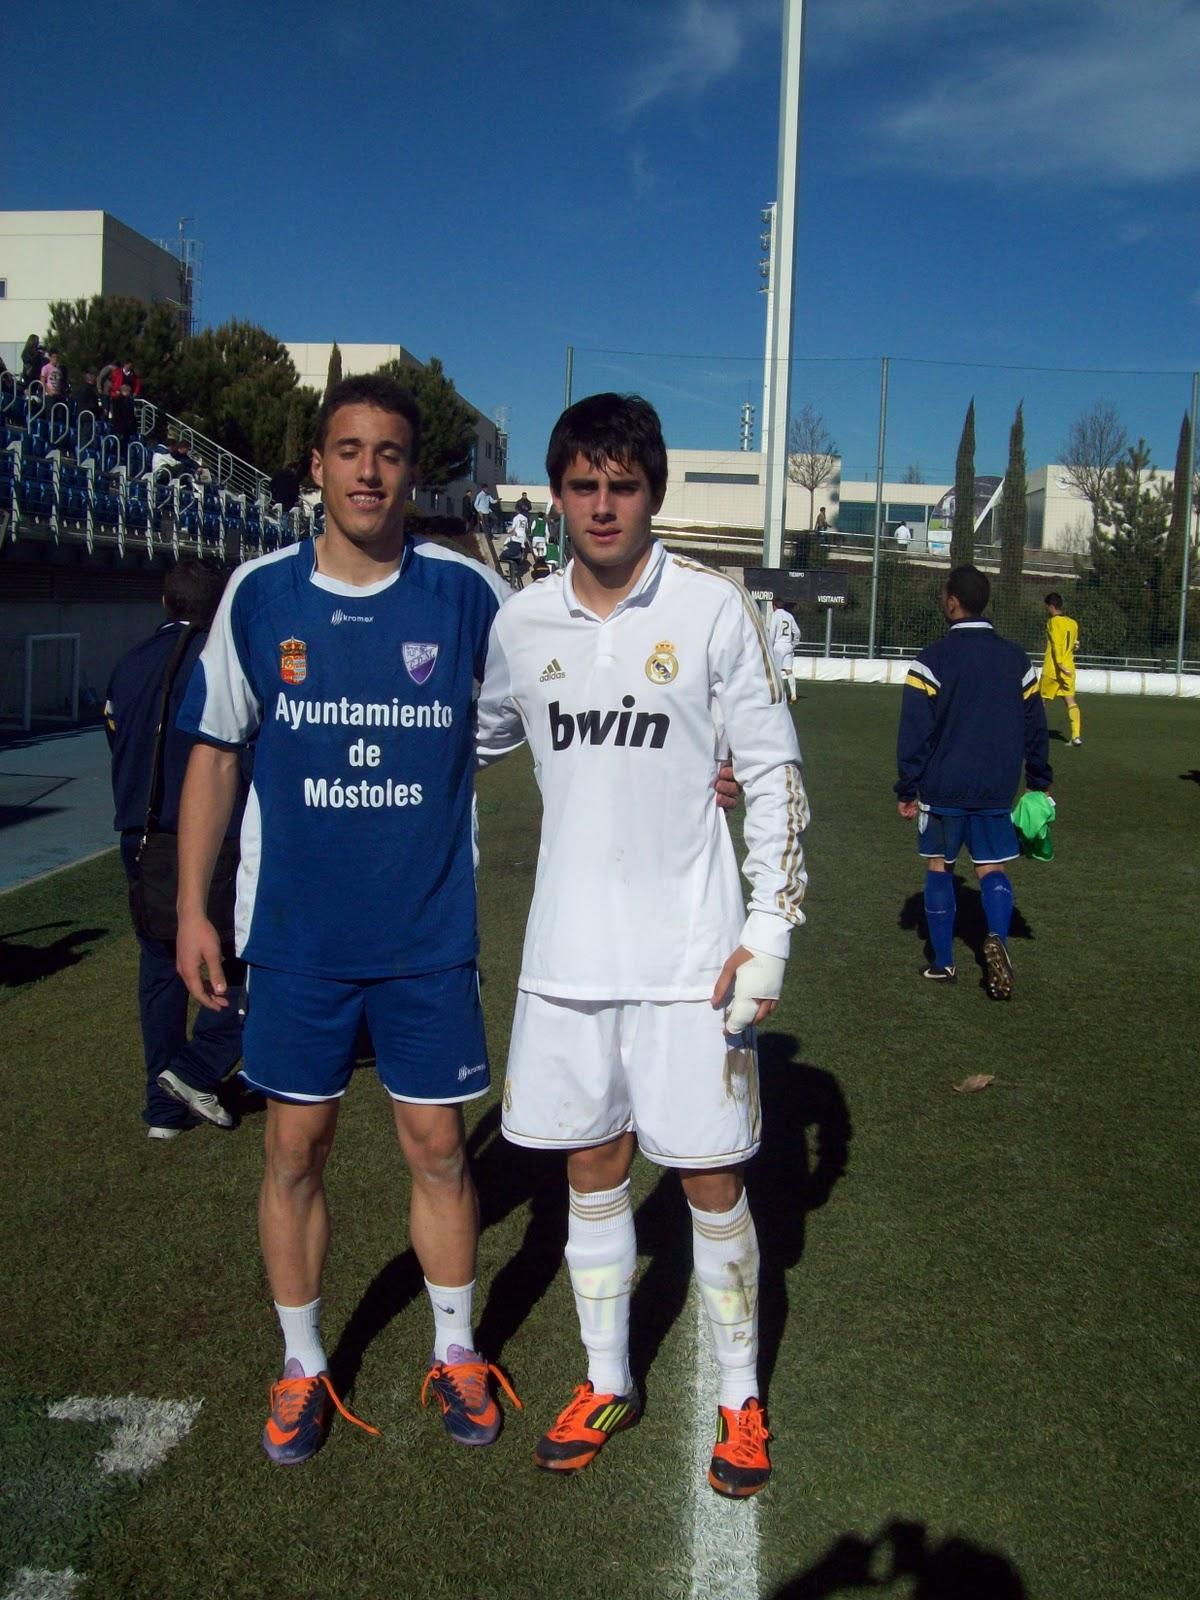 Fútbol de Daimiel: El Real Madrid \